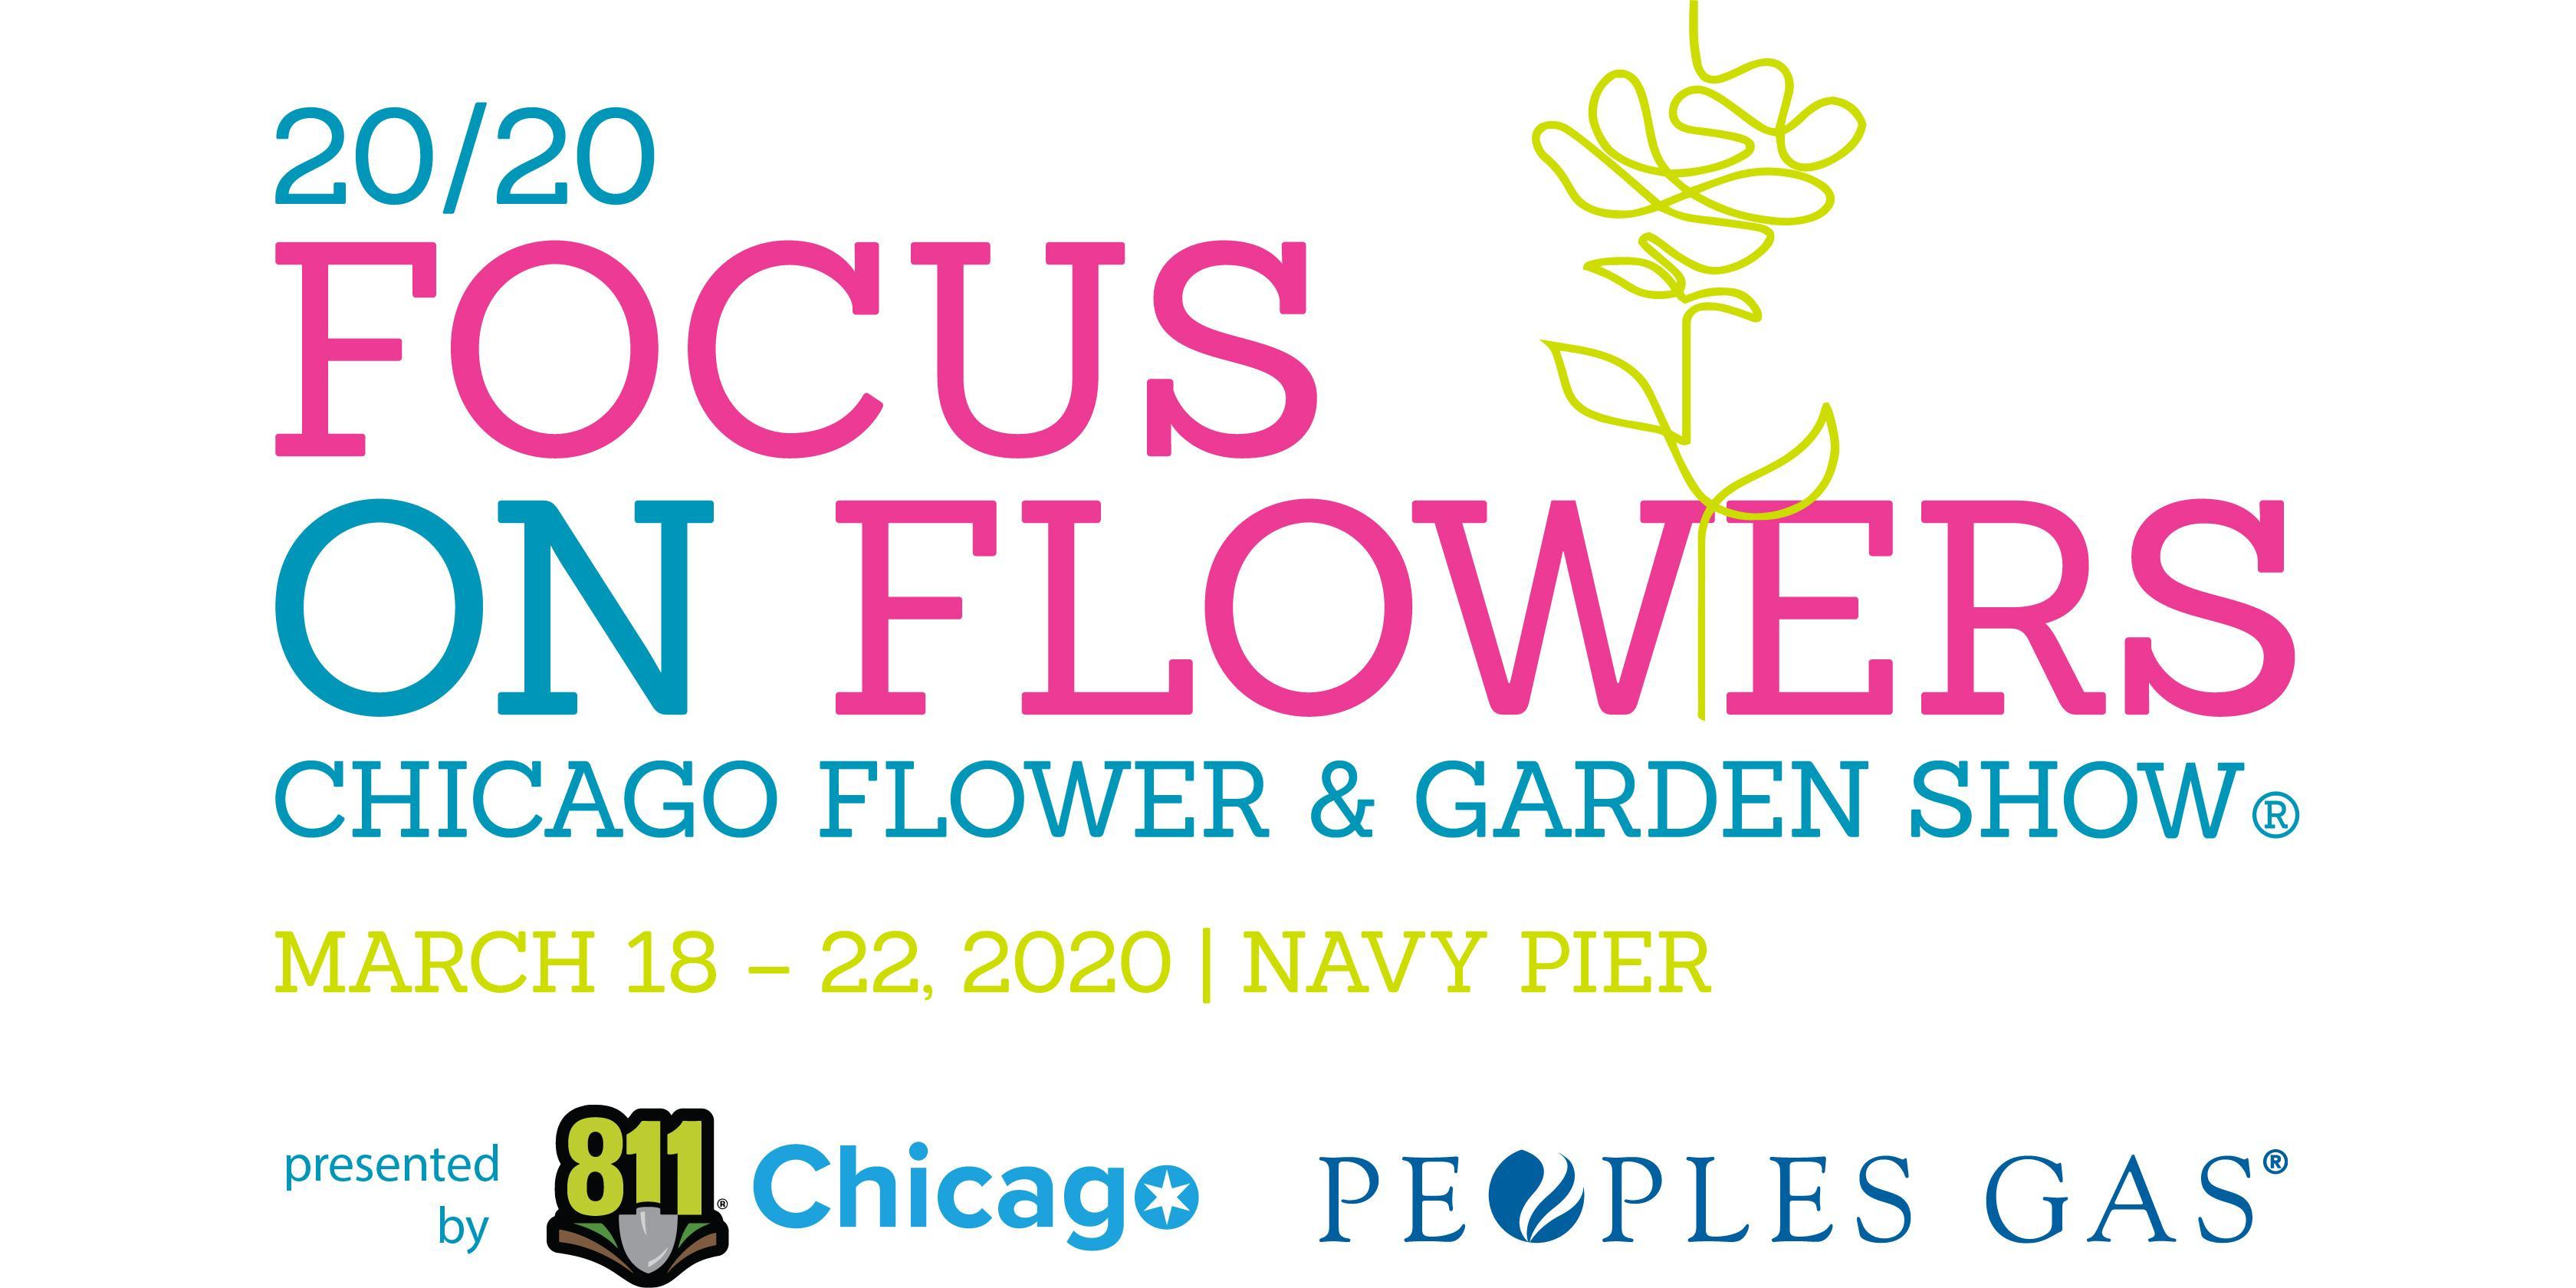 Chicago Flower Garden Show 2020 13 Mar 2020